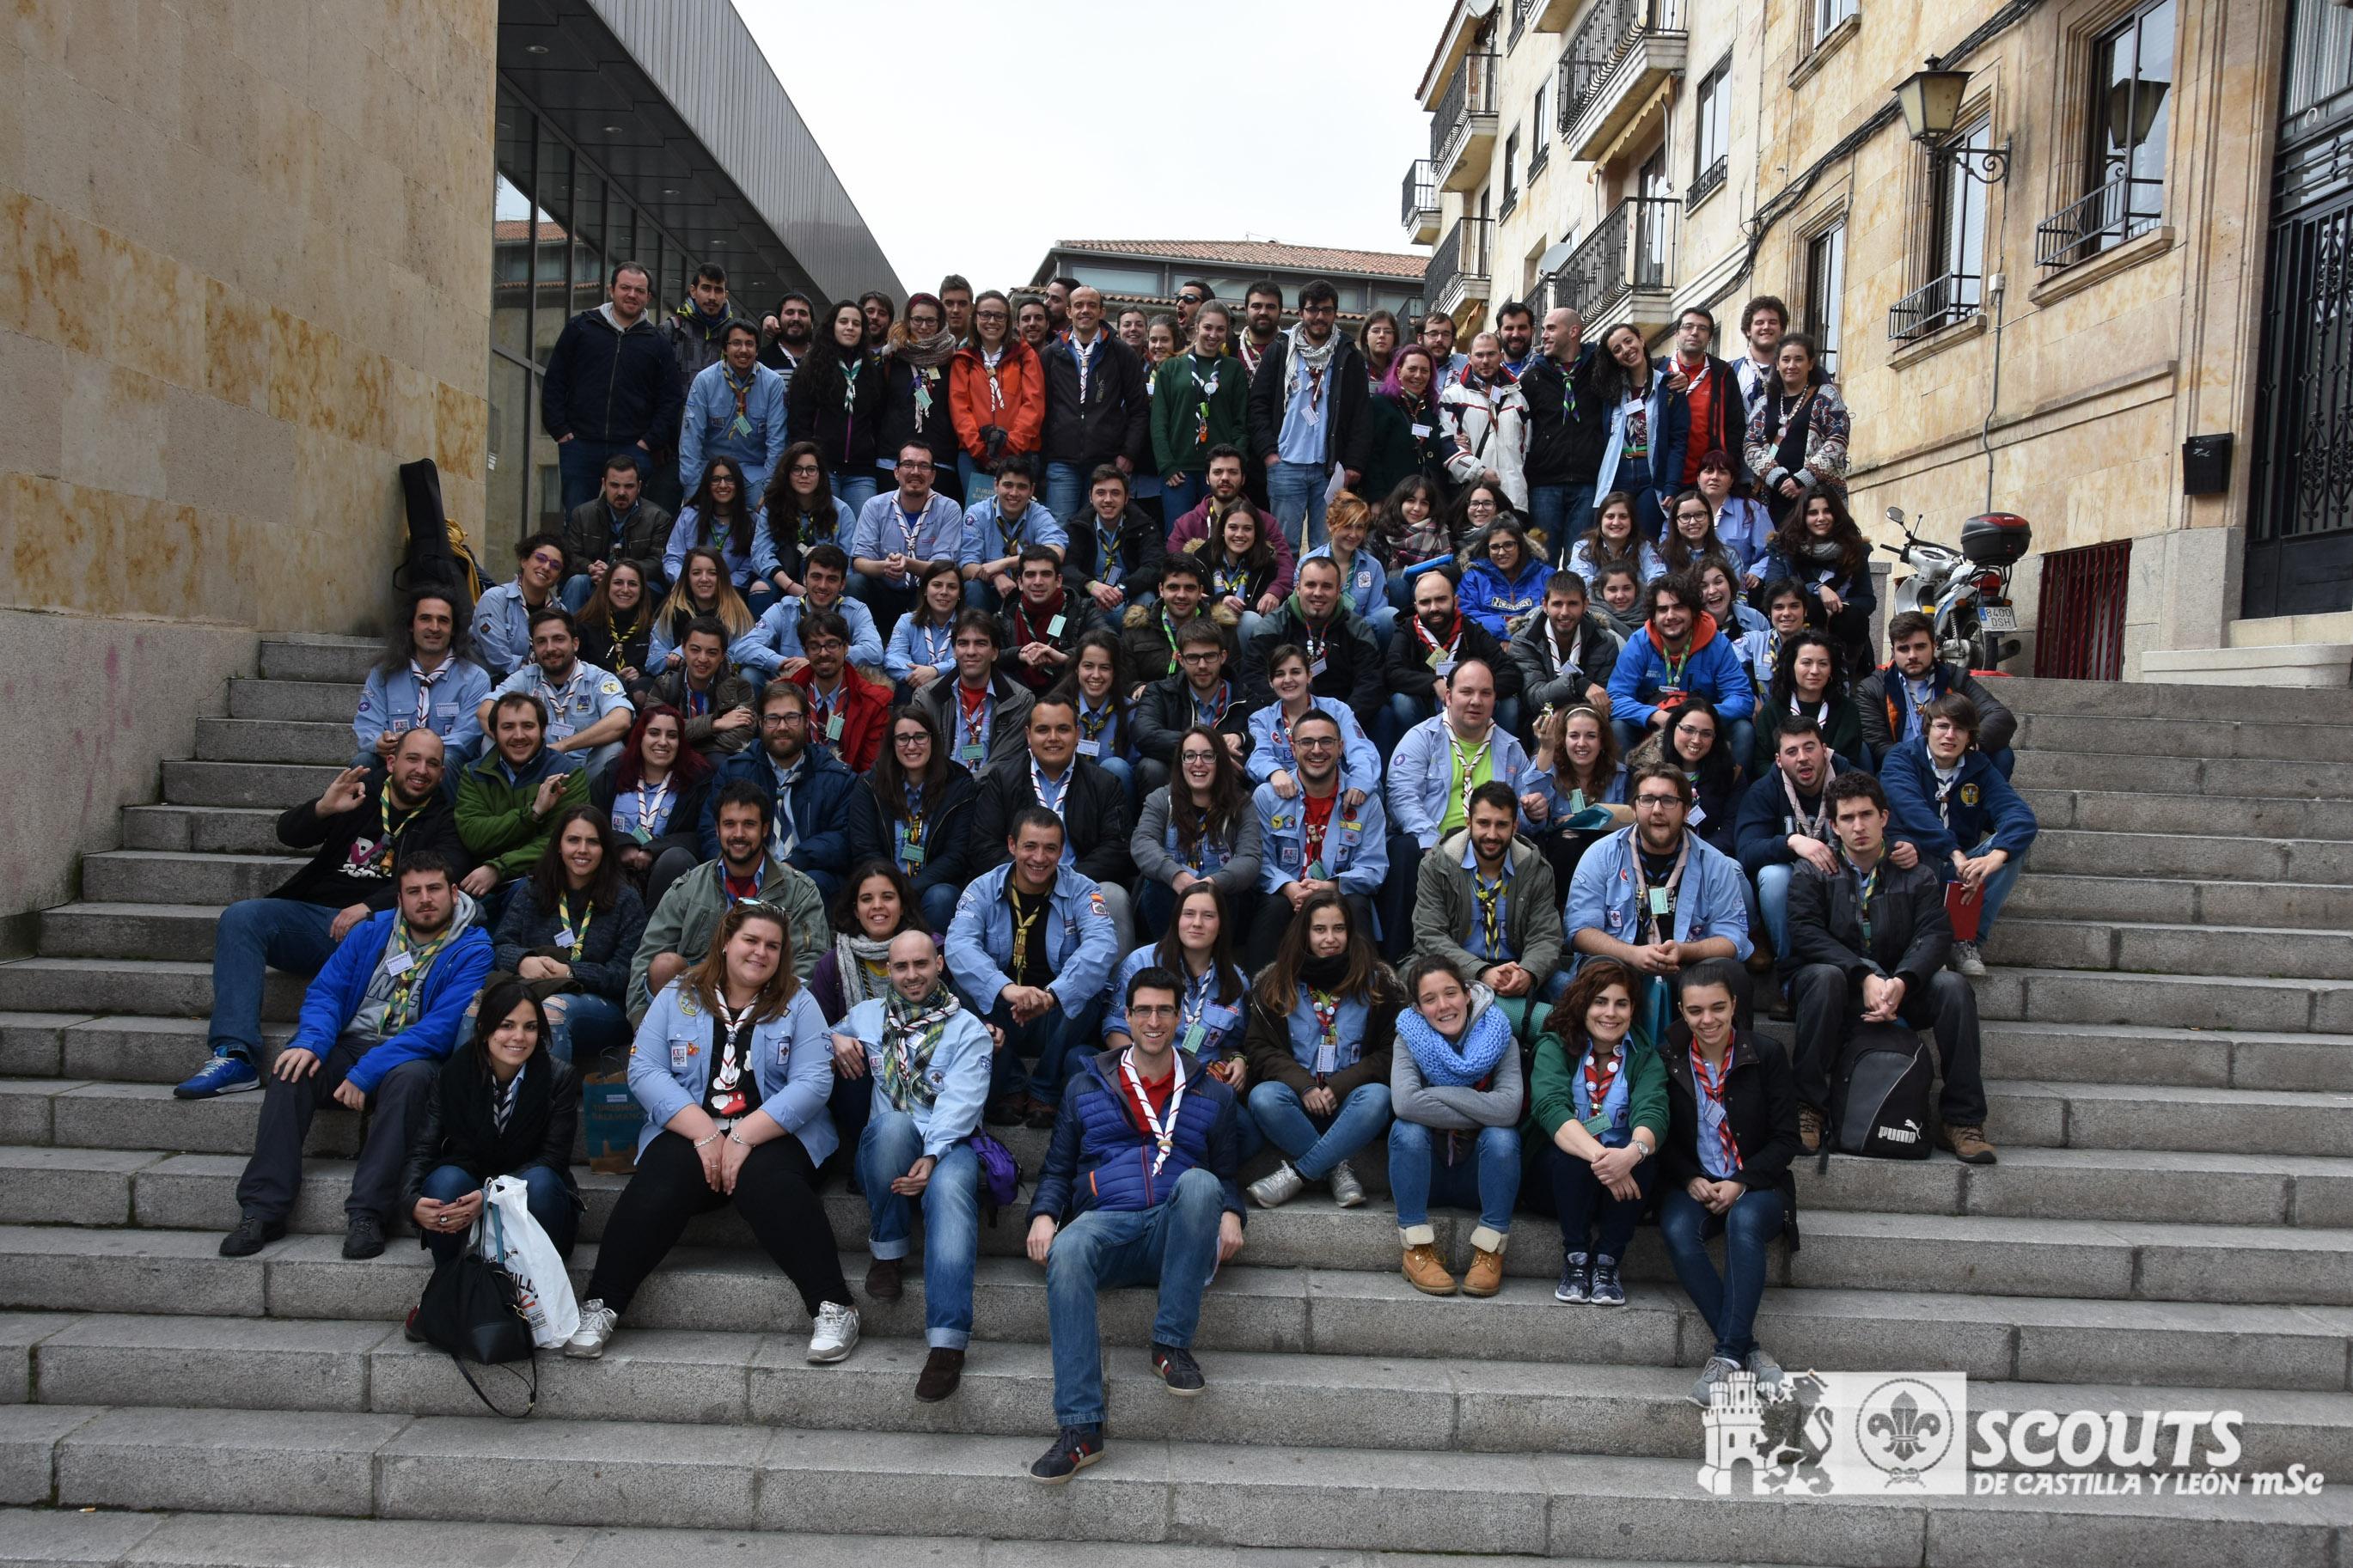 XXVIII Asamblea Scouts de Castilla y León